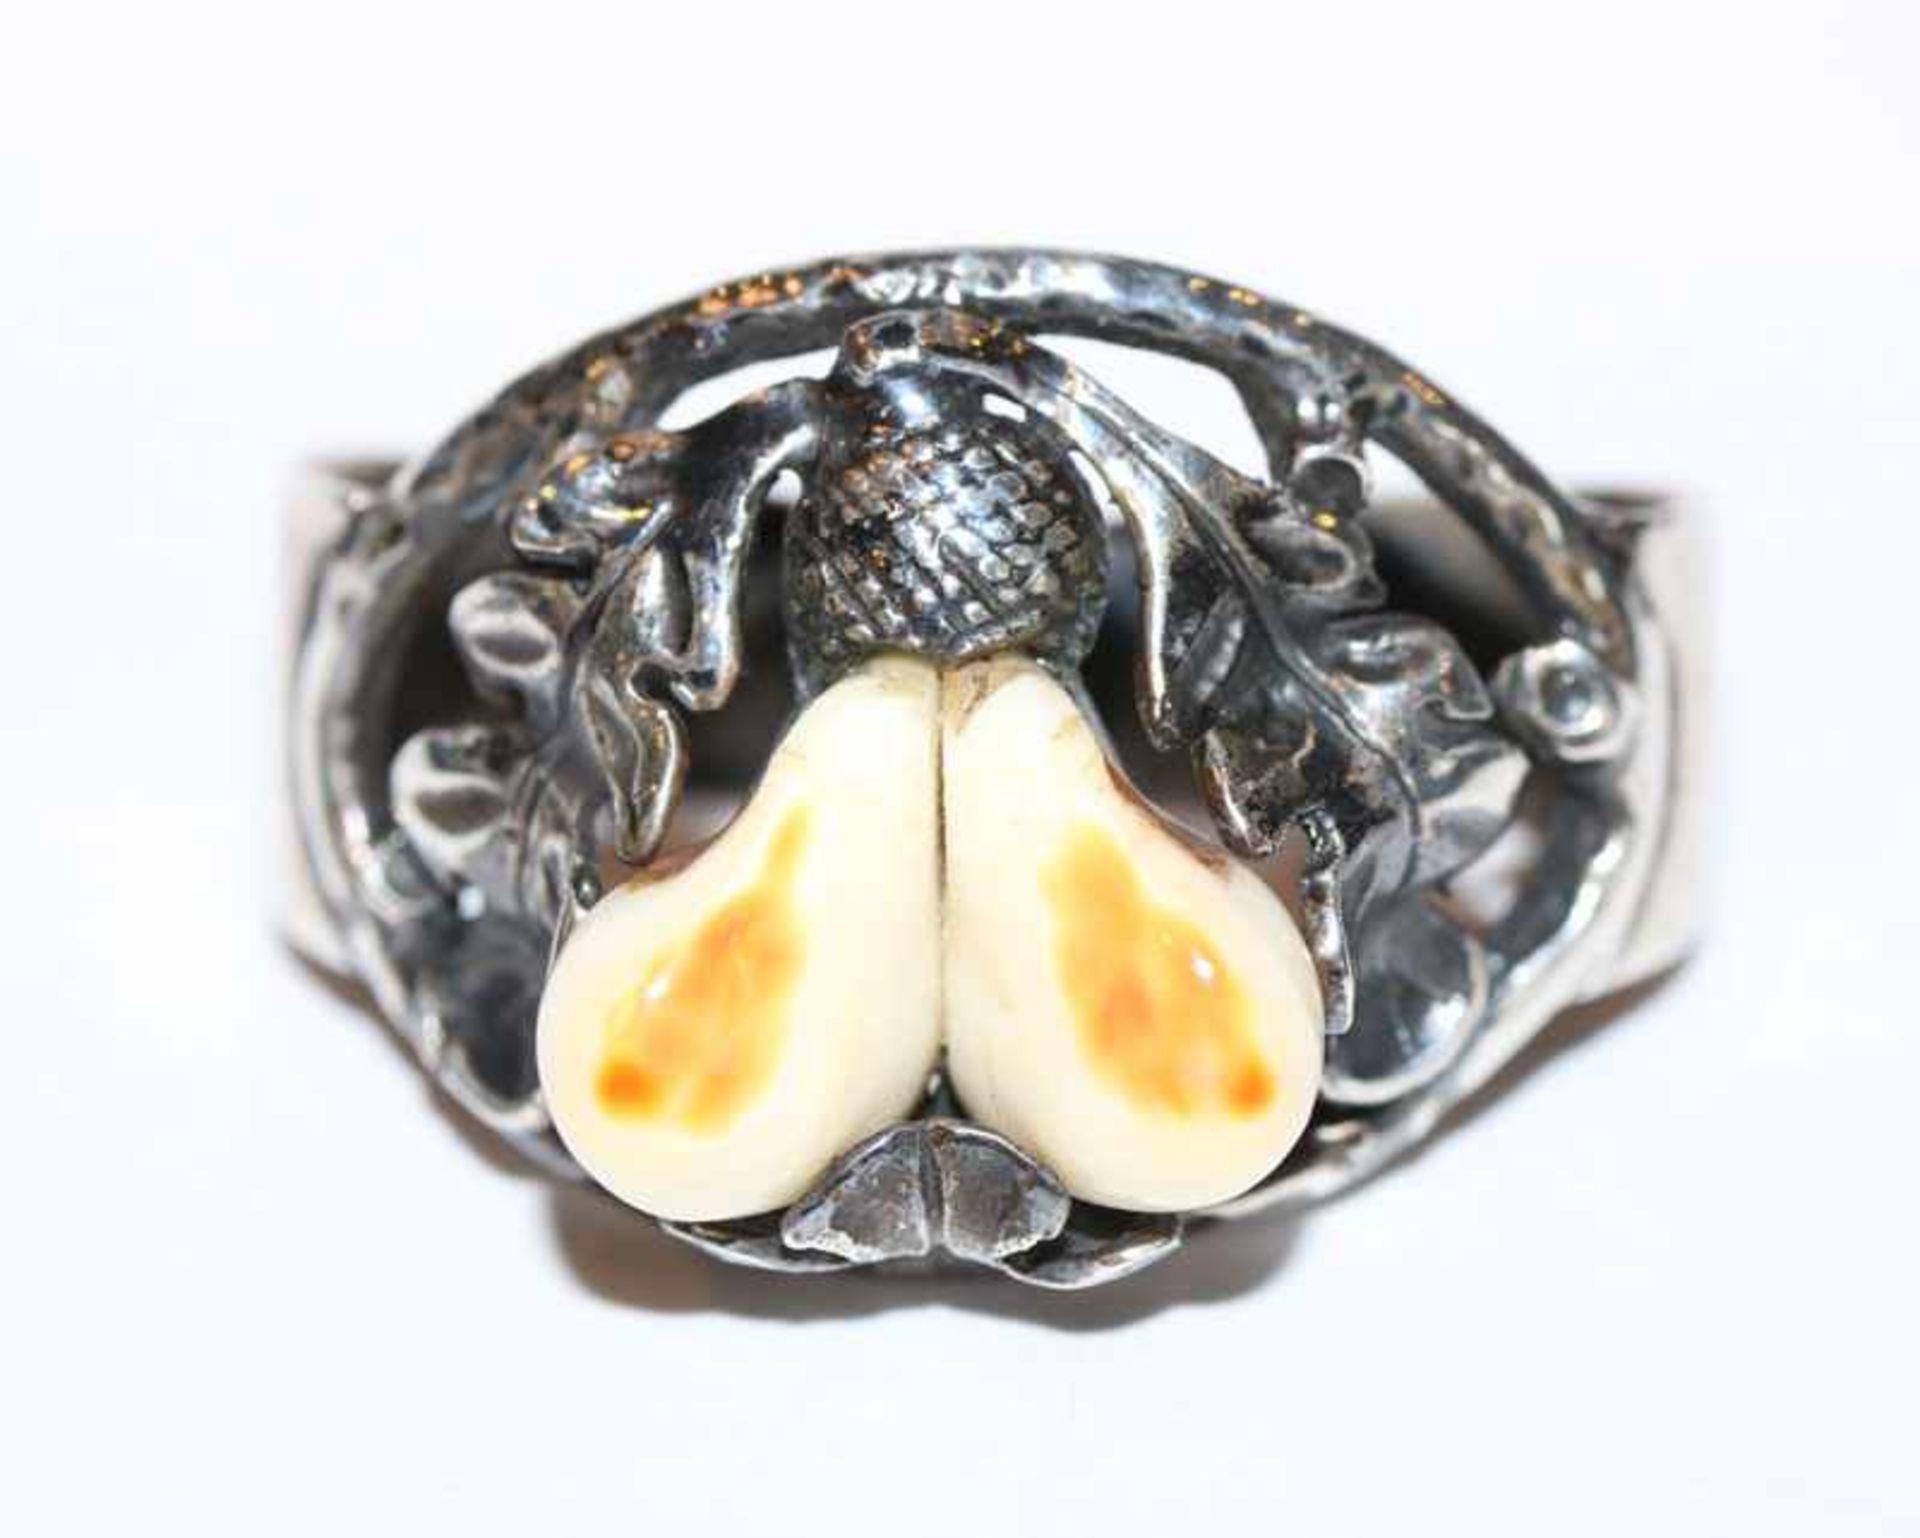 Los 82 - Silber Trachten Tuchring mit plastischem Eichenlaub und Grandelpaar, B 3 cm